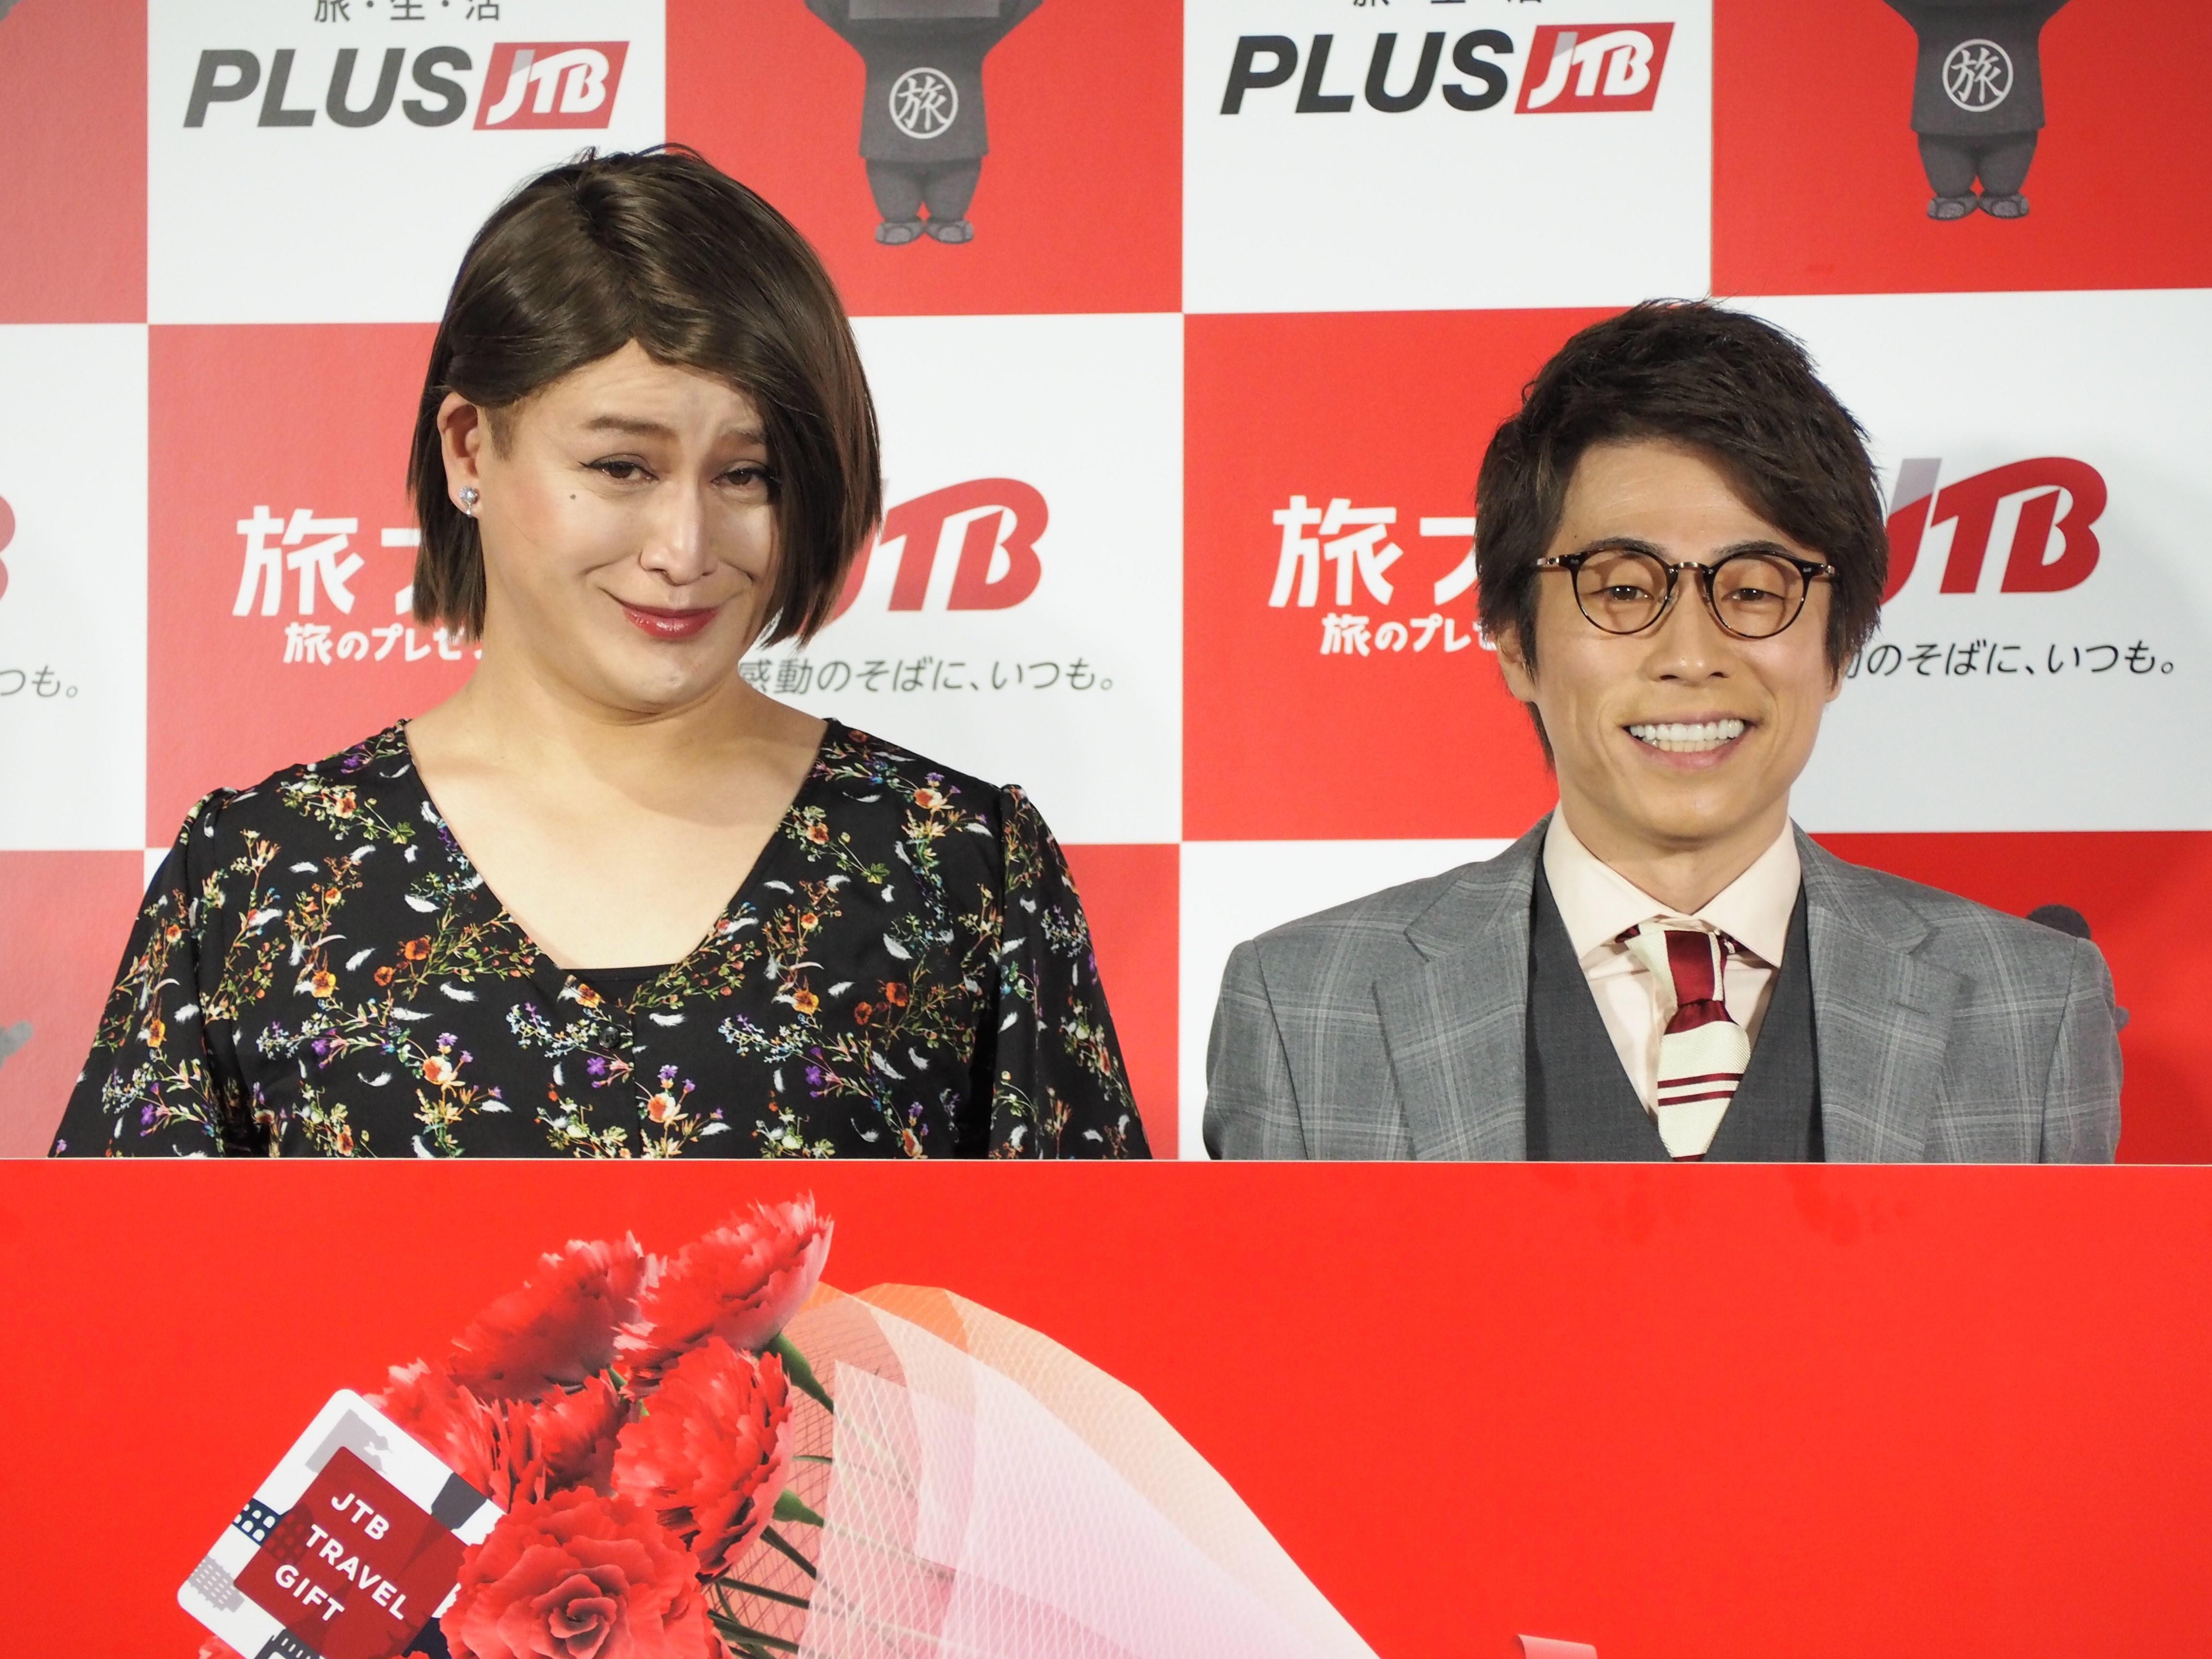 http://news.yoshimoto.co.jp/20180330121840-30baa5152c09ea2da9a9d421ba12f4513900657b.jpg